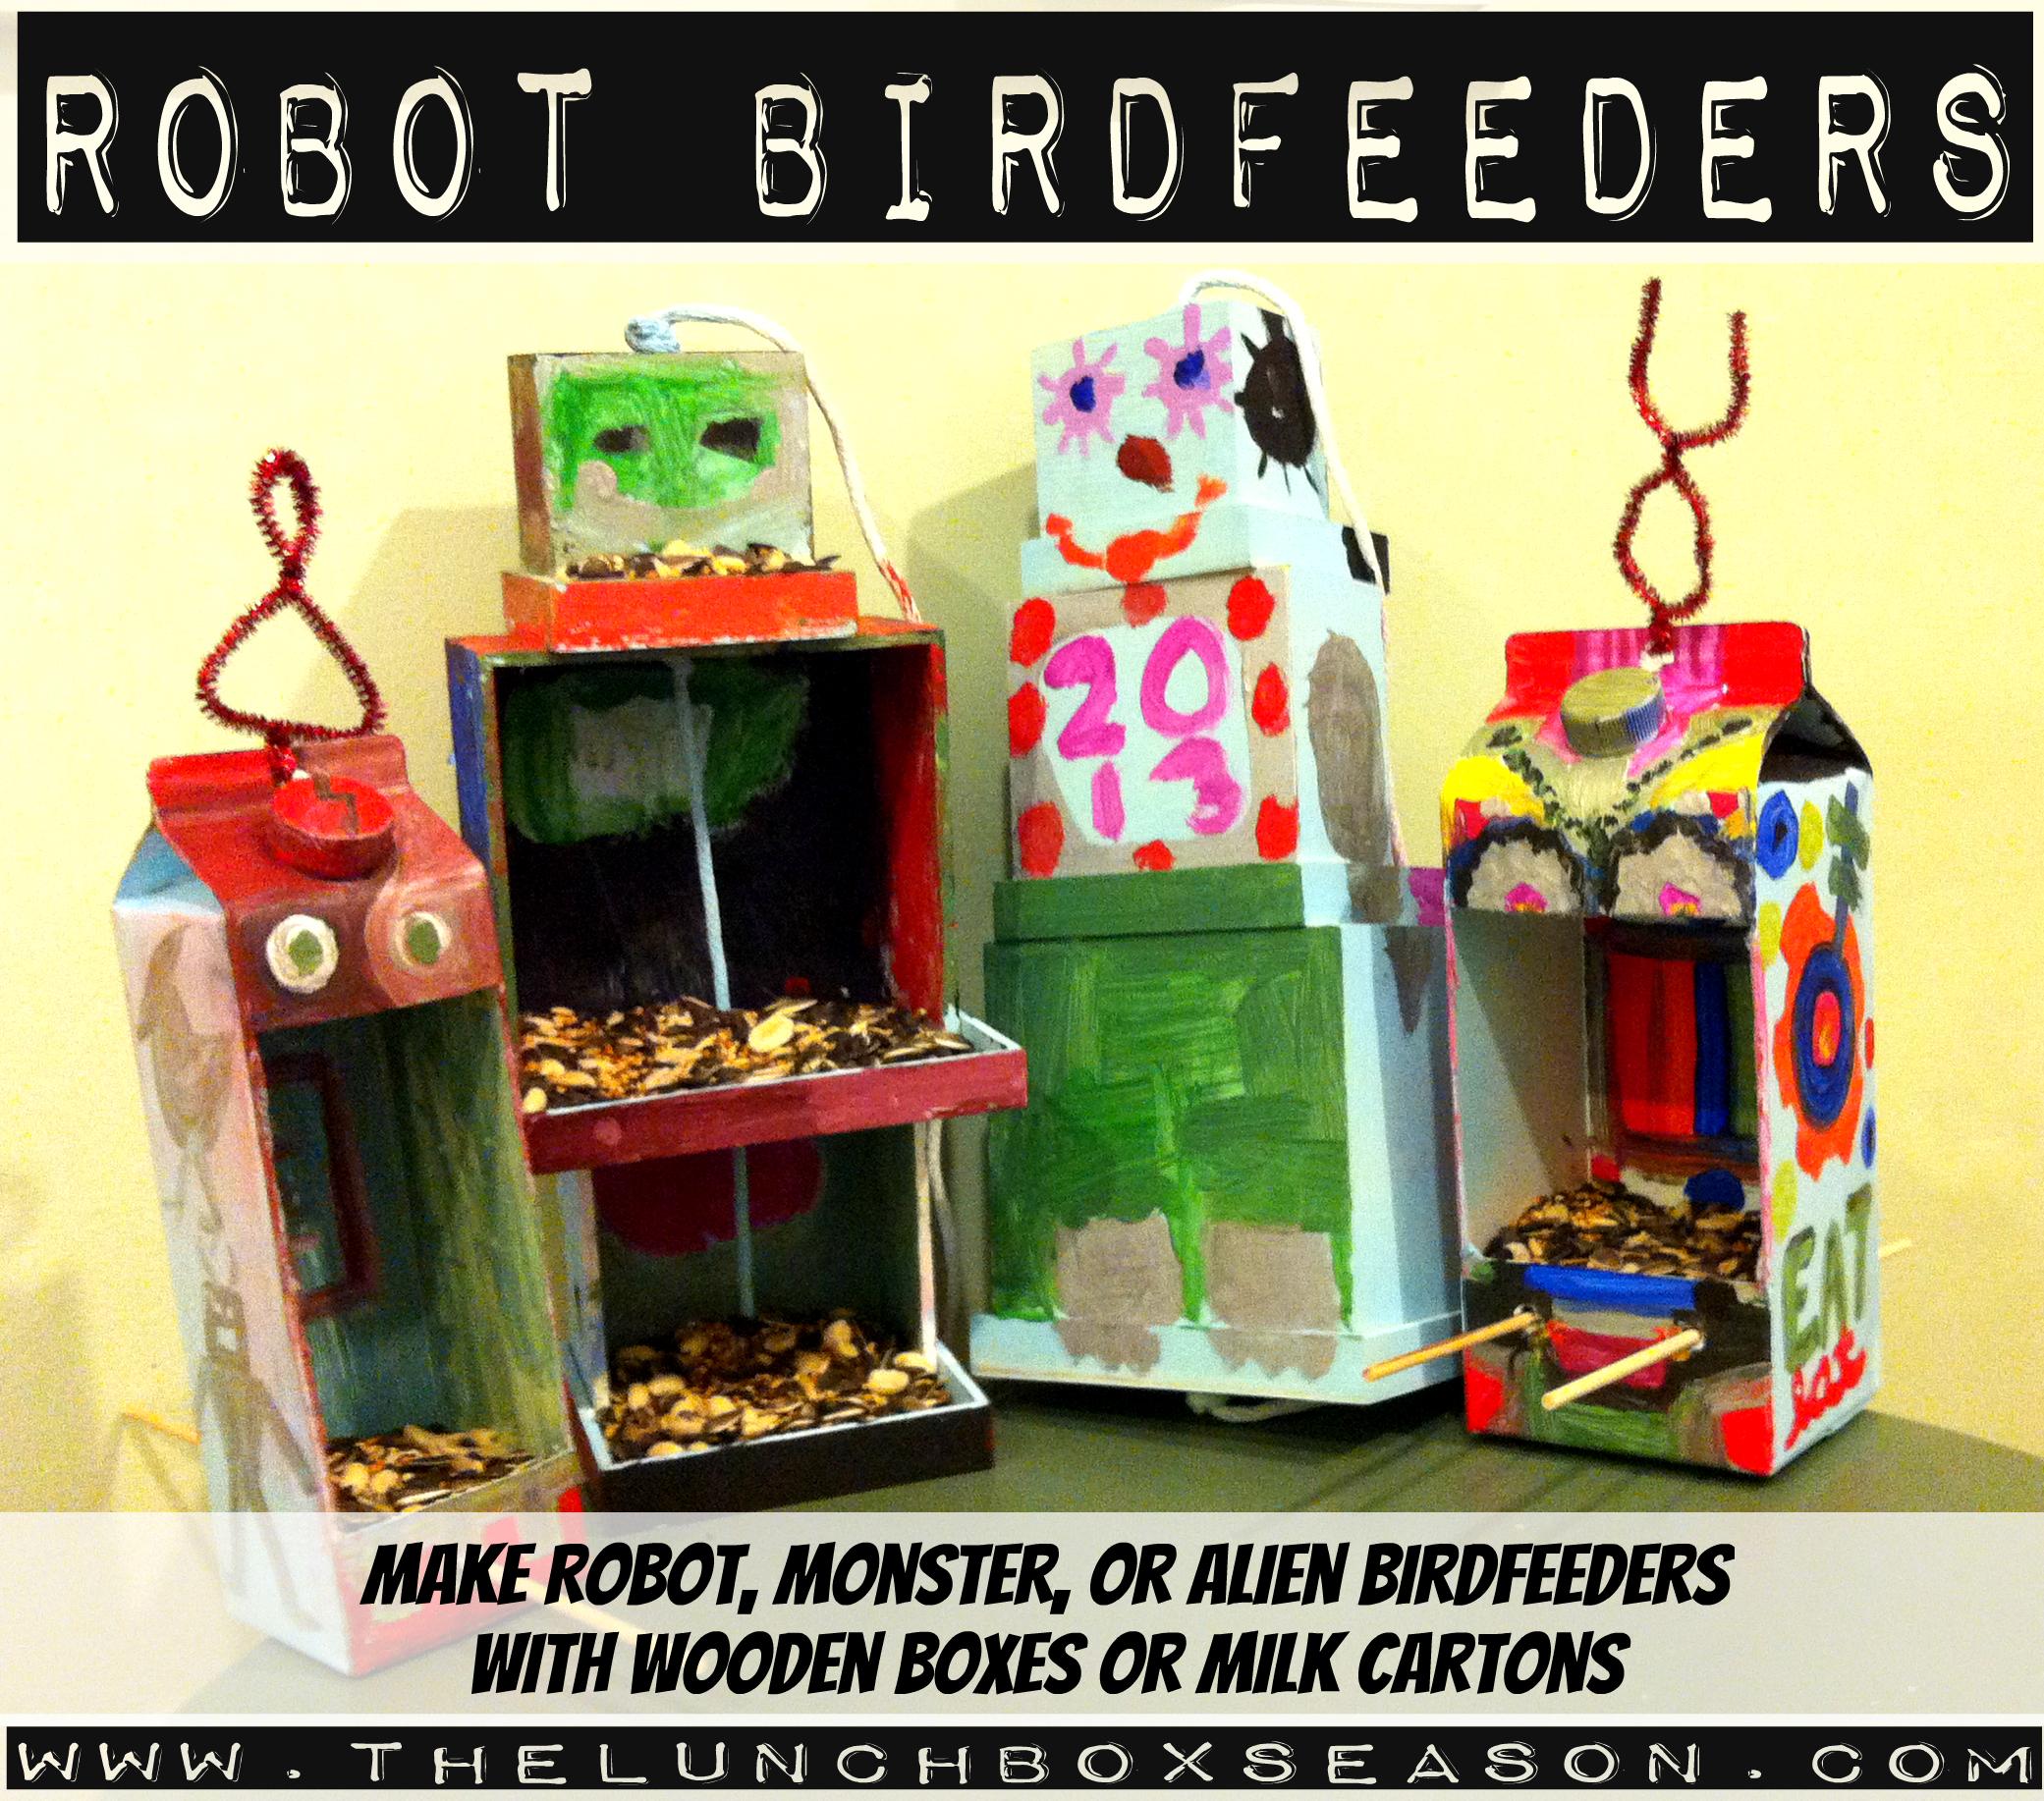 Robot Birdfeeders